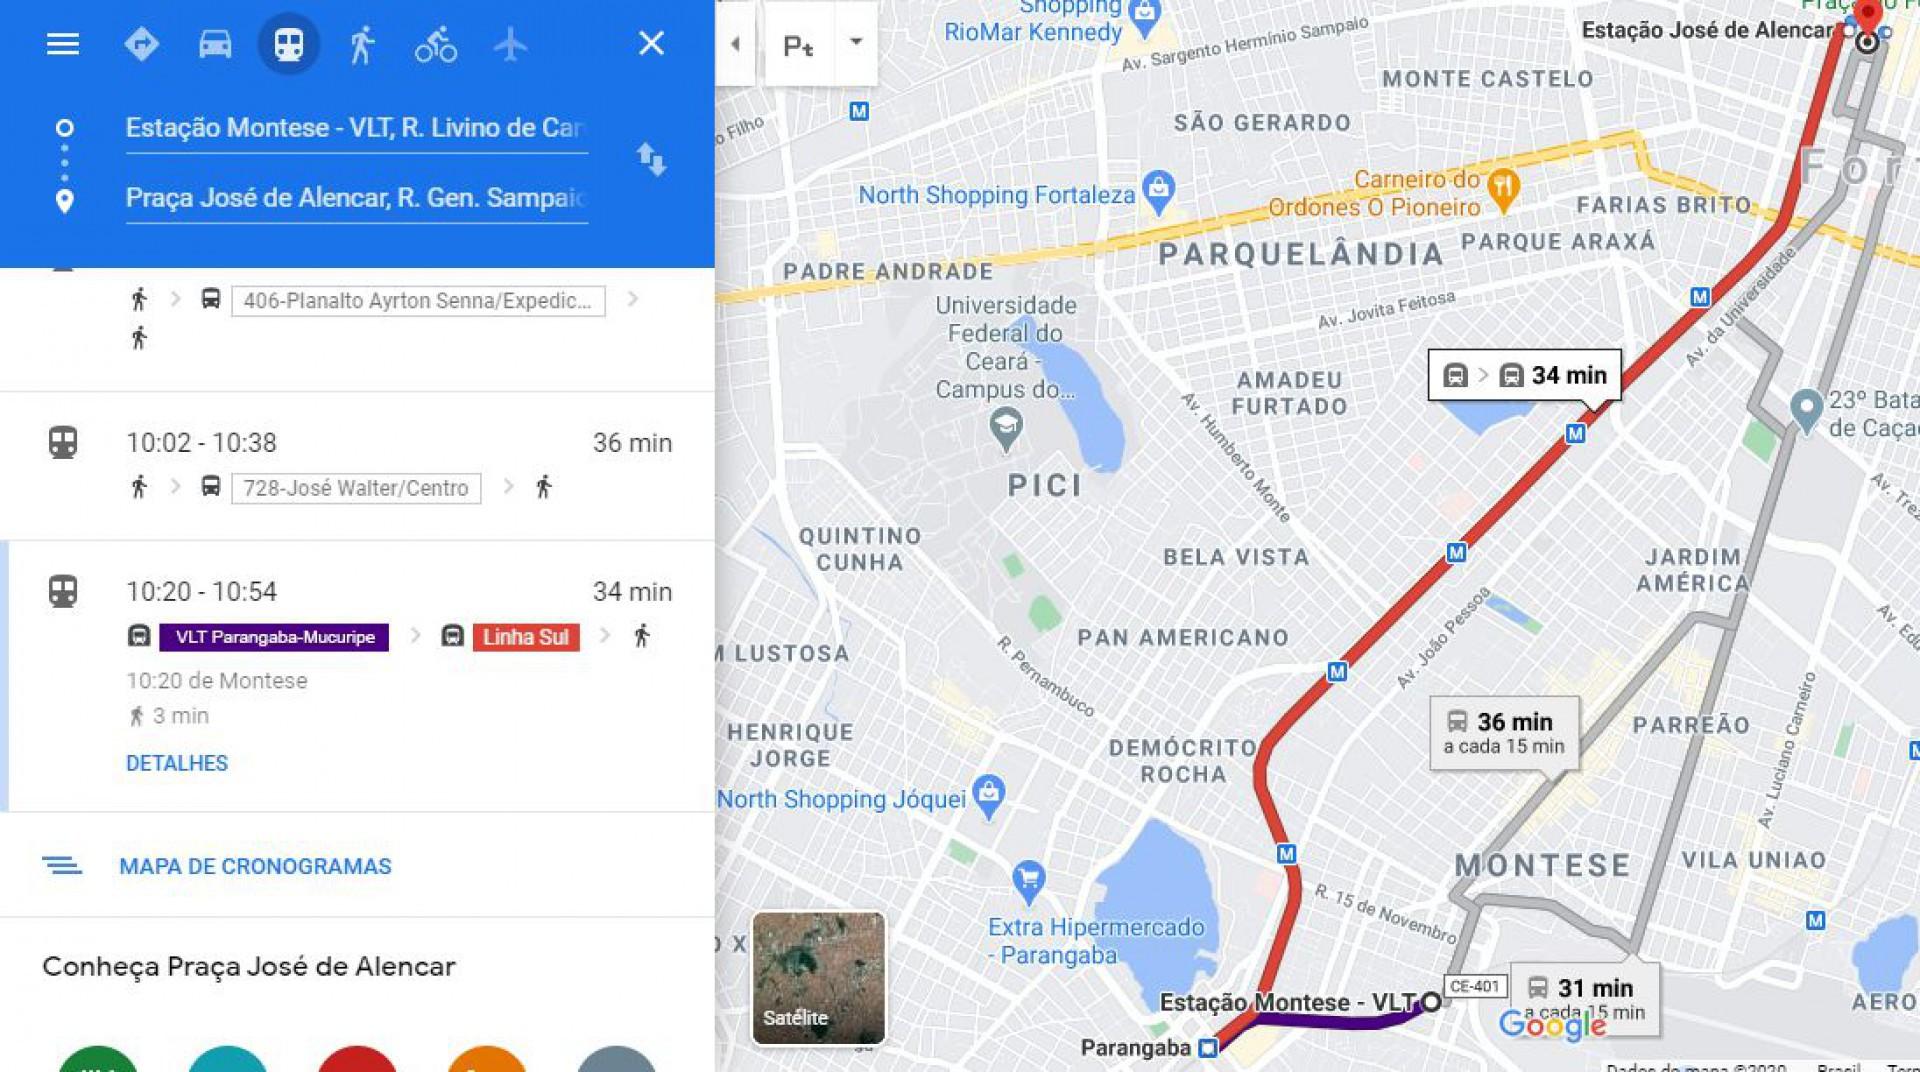 Rotas e horários do Metrofor são inseridos no Google Maps e Microsoft Bing Maps